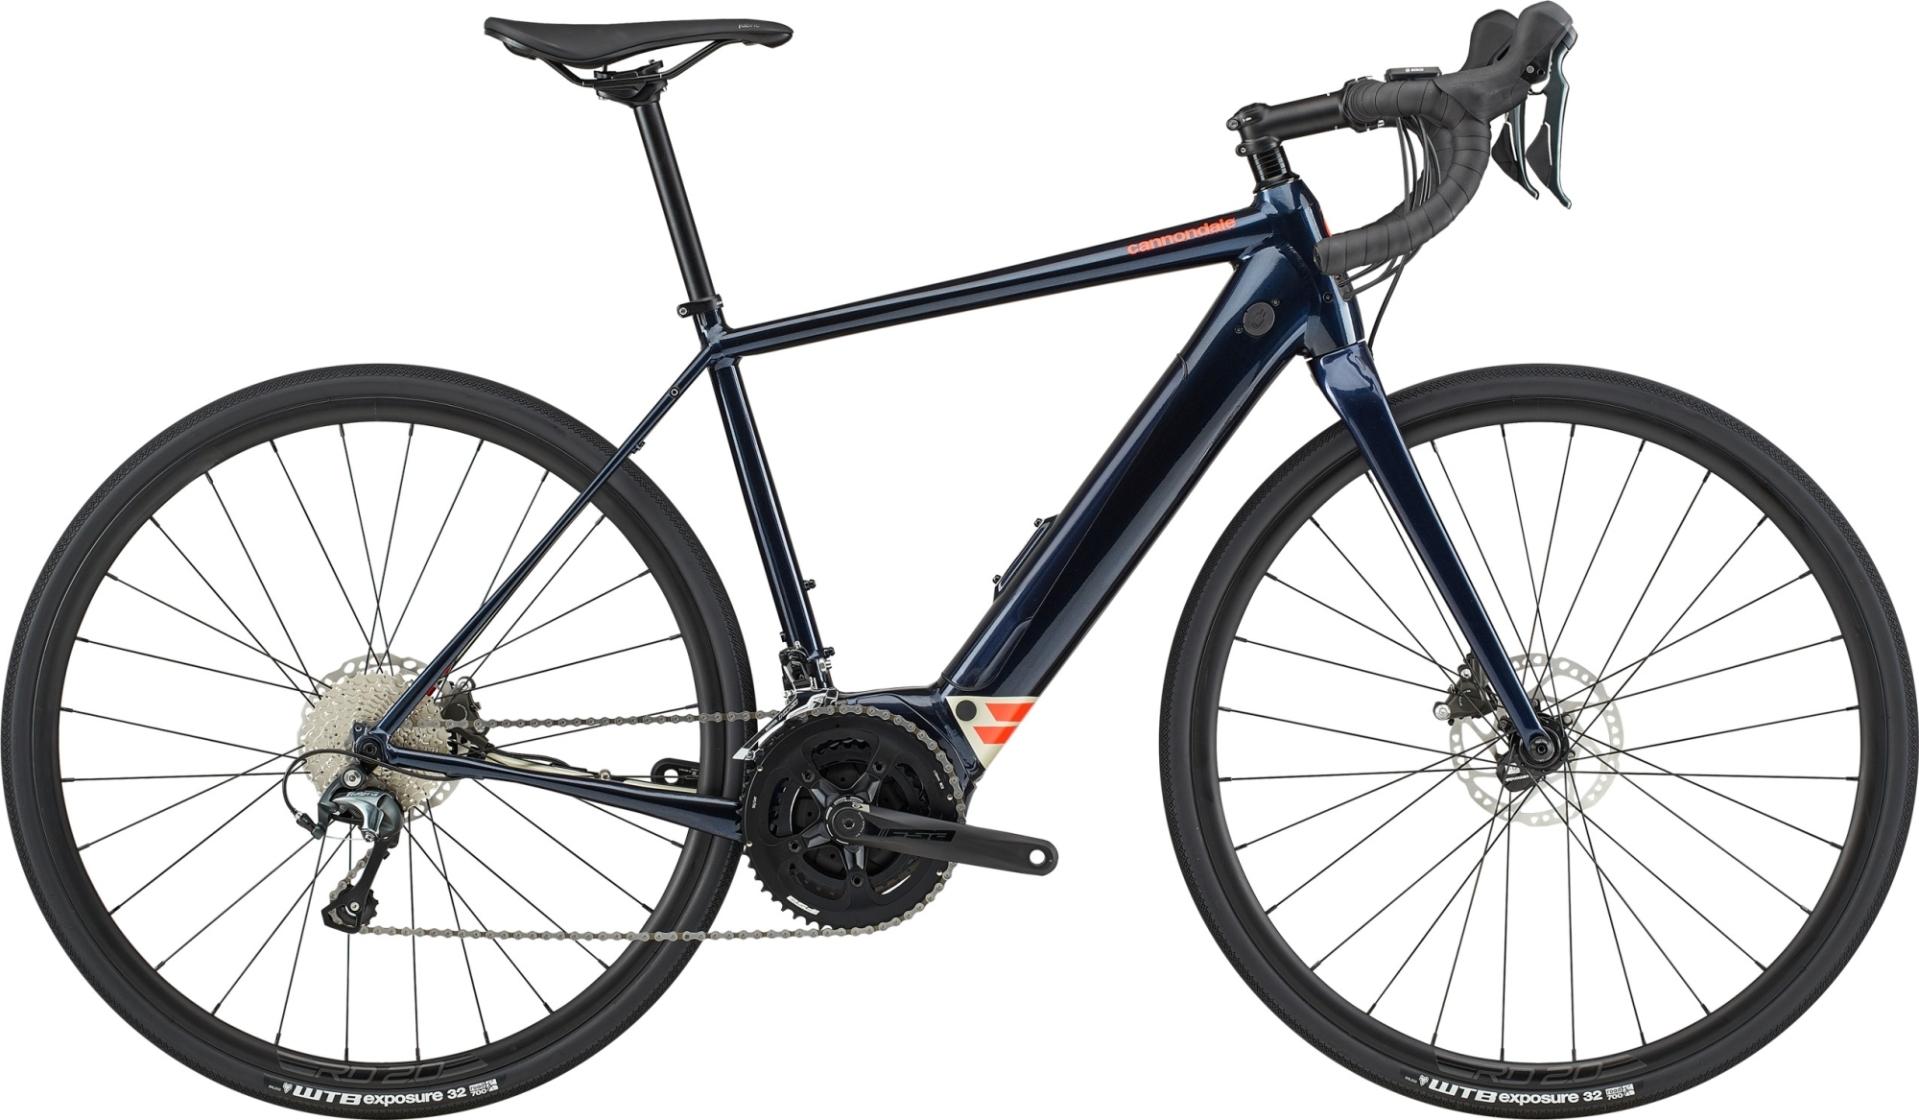 Cannondale Synapse Neo országúti pedelec kerékpár - sötétkék - M (2020)